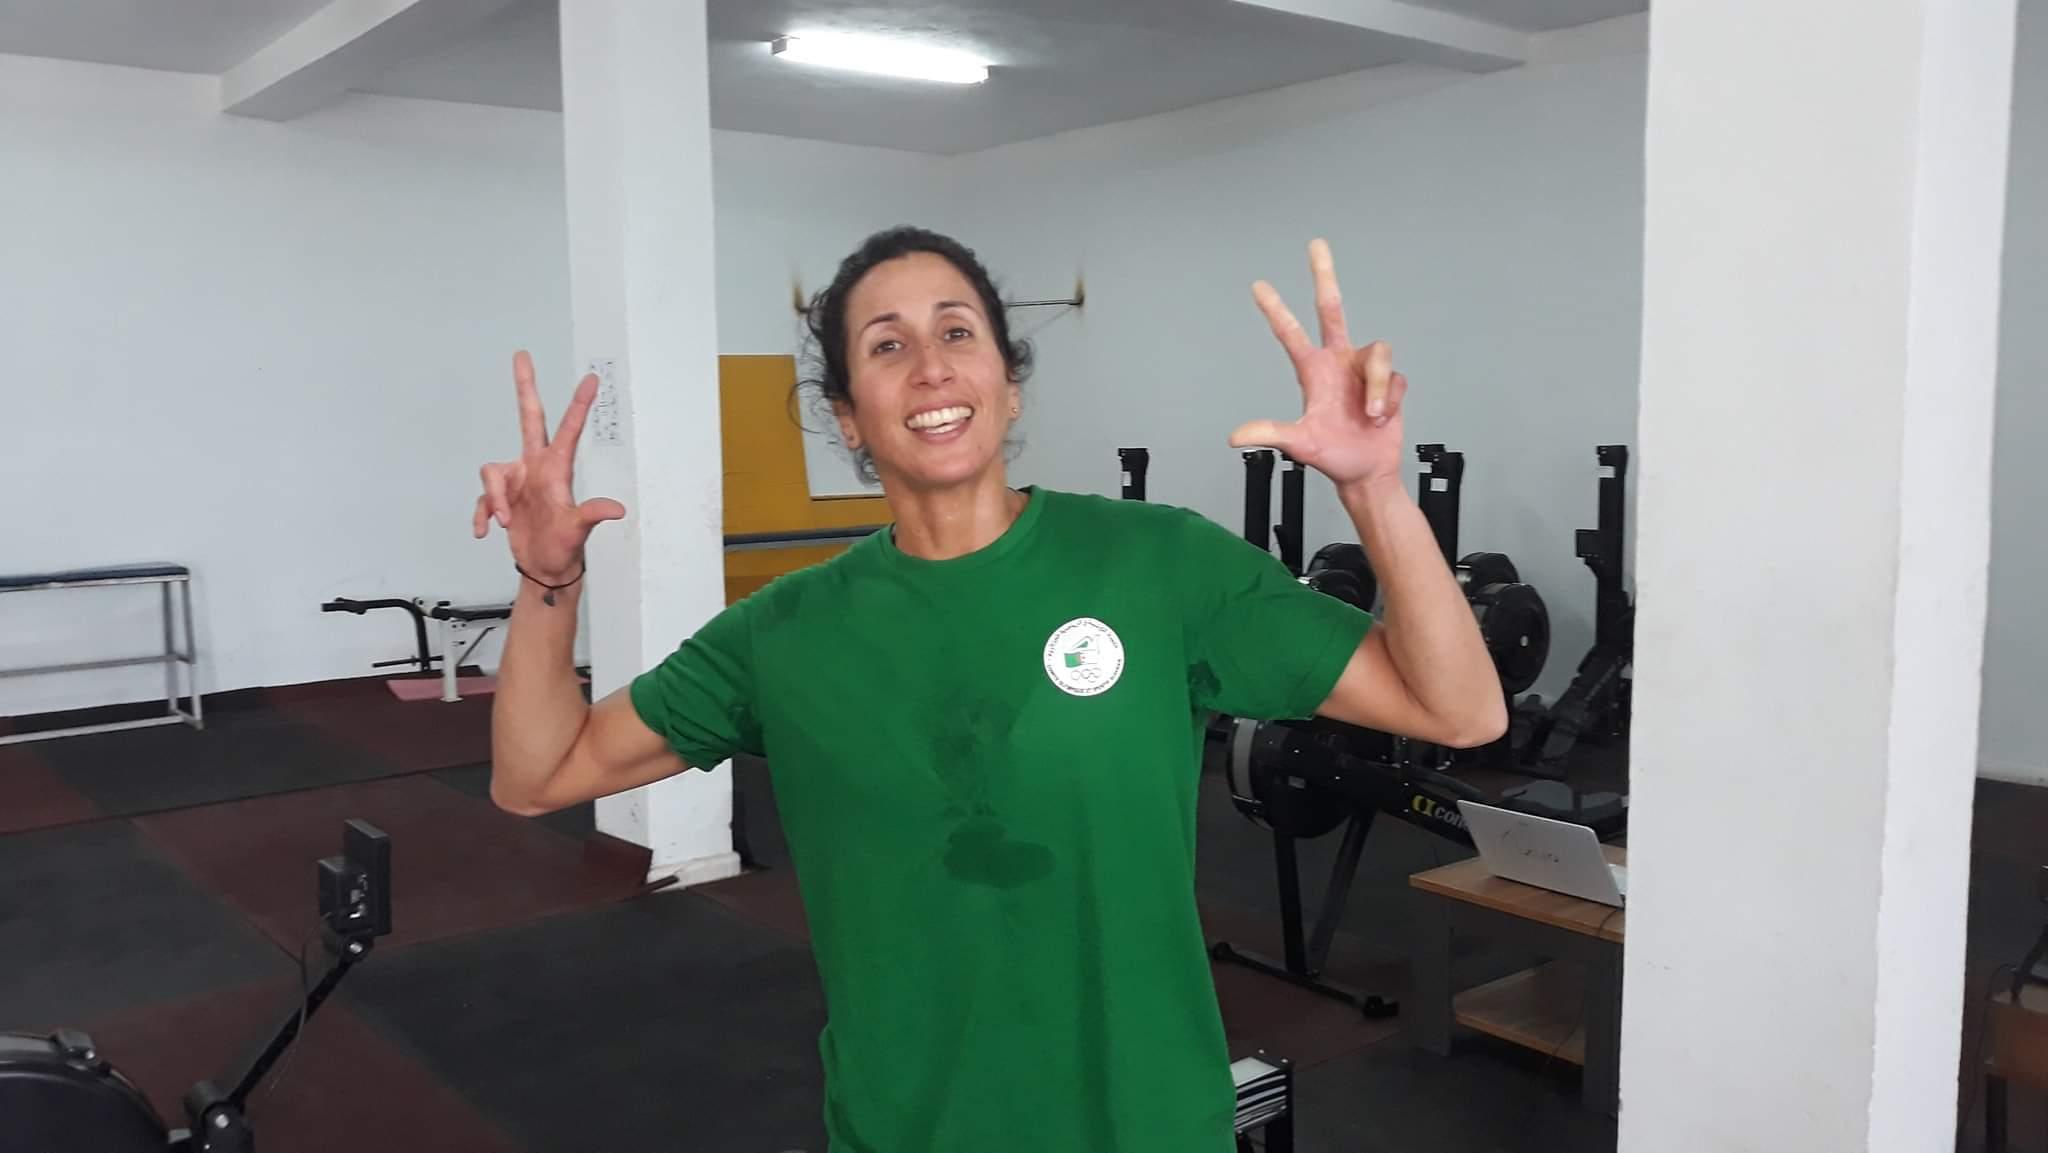 بطولة العالم لتجديف داخل القاعة: أمينة روبة تفوز بالميدالية البرونزية